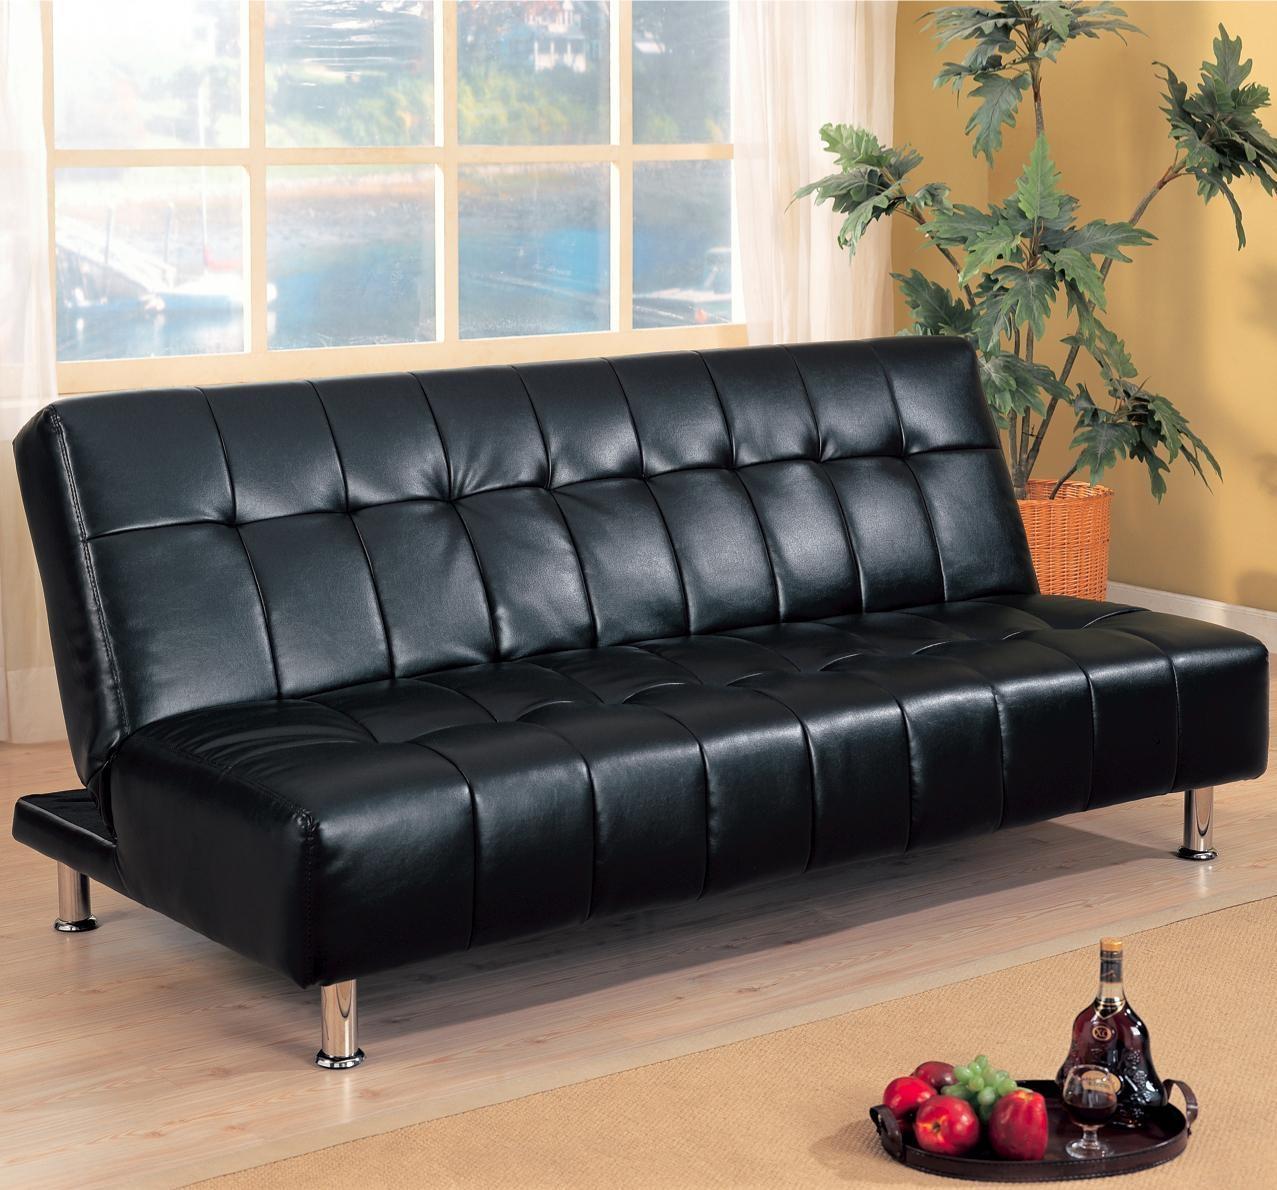 Furniture: Faux Leather Futon Sofa | Faux Leather Futon | Futon Regarding Leather Fouton Sofas (Image 8 of 20)